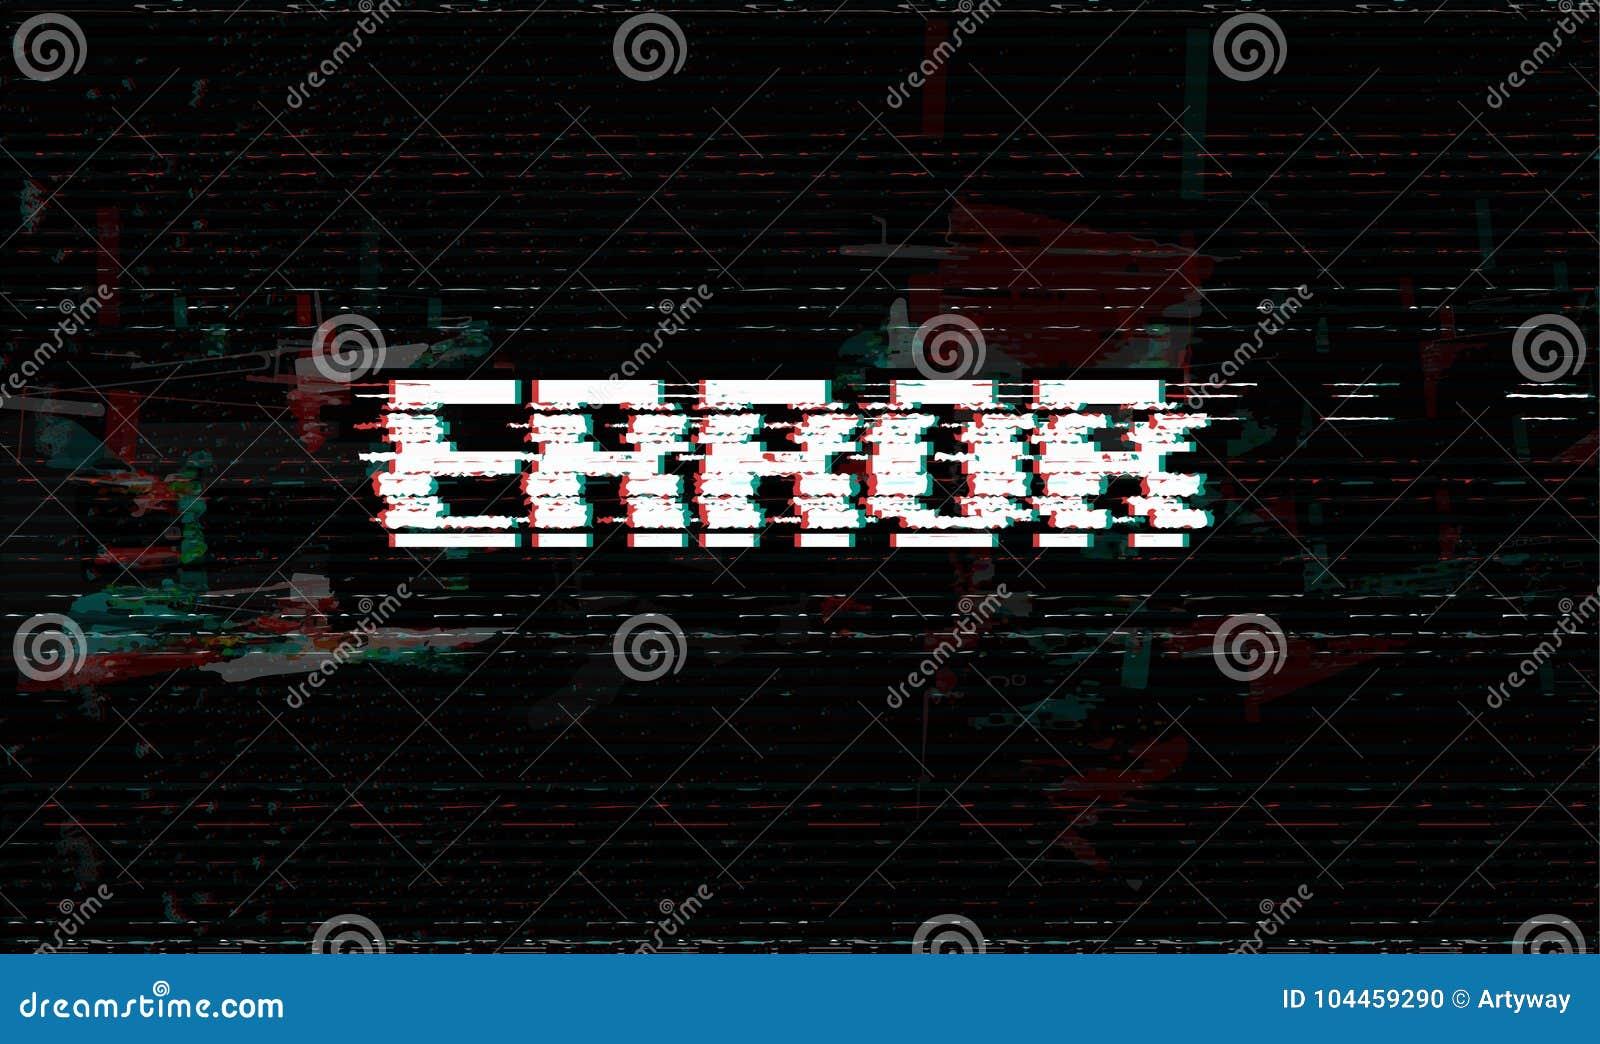 Μήνυμα λάθους, δυσλειτουργία, διανυσματική απεικόνιση διακοπής του συστήματος, μαύρο υπόβαθρο επίδρασης δυσλειτουργίας